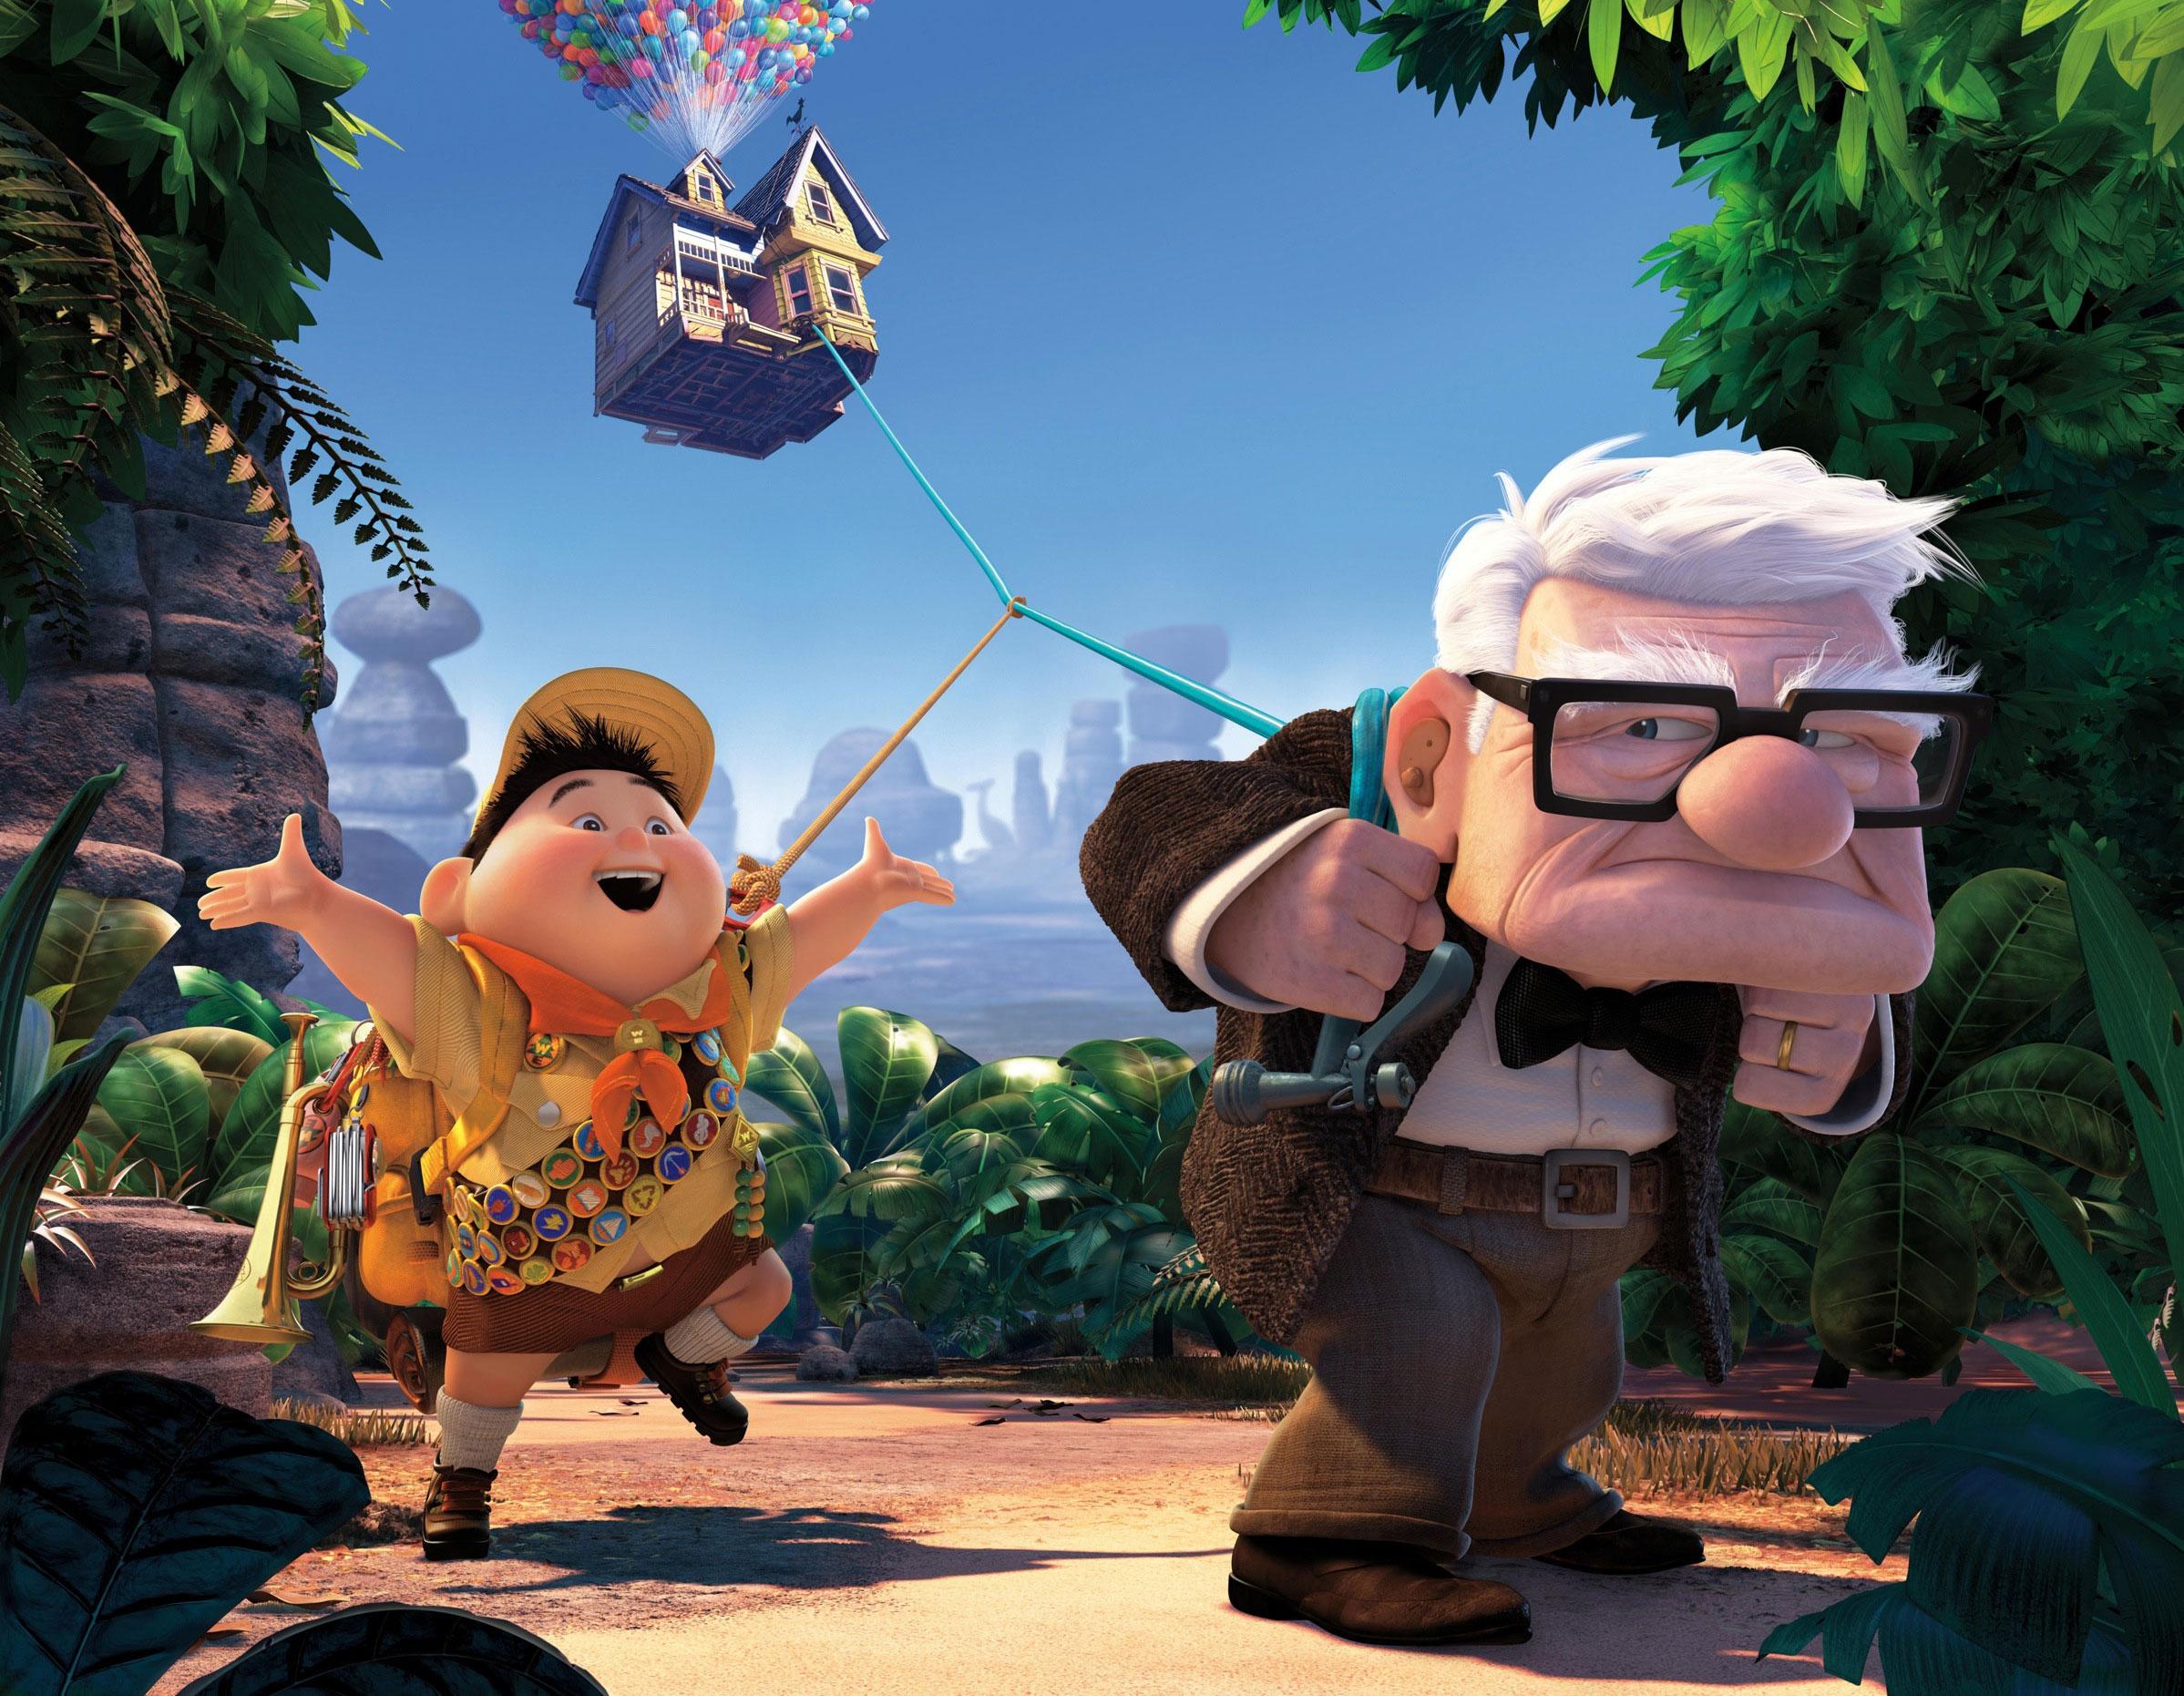 https://i0.wp.com/www.amptoons.com/blog/wp-content/uploads/2009/07/up-pixar.jpg